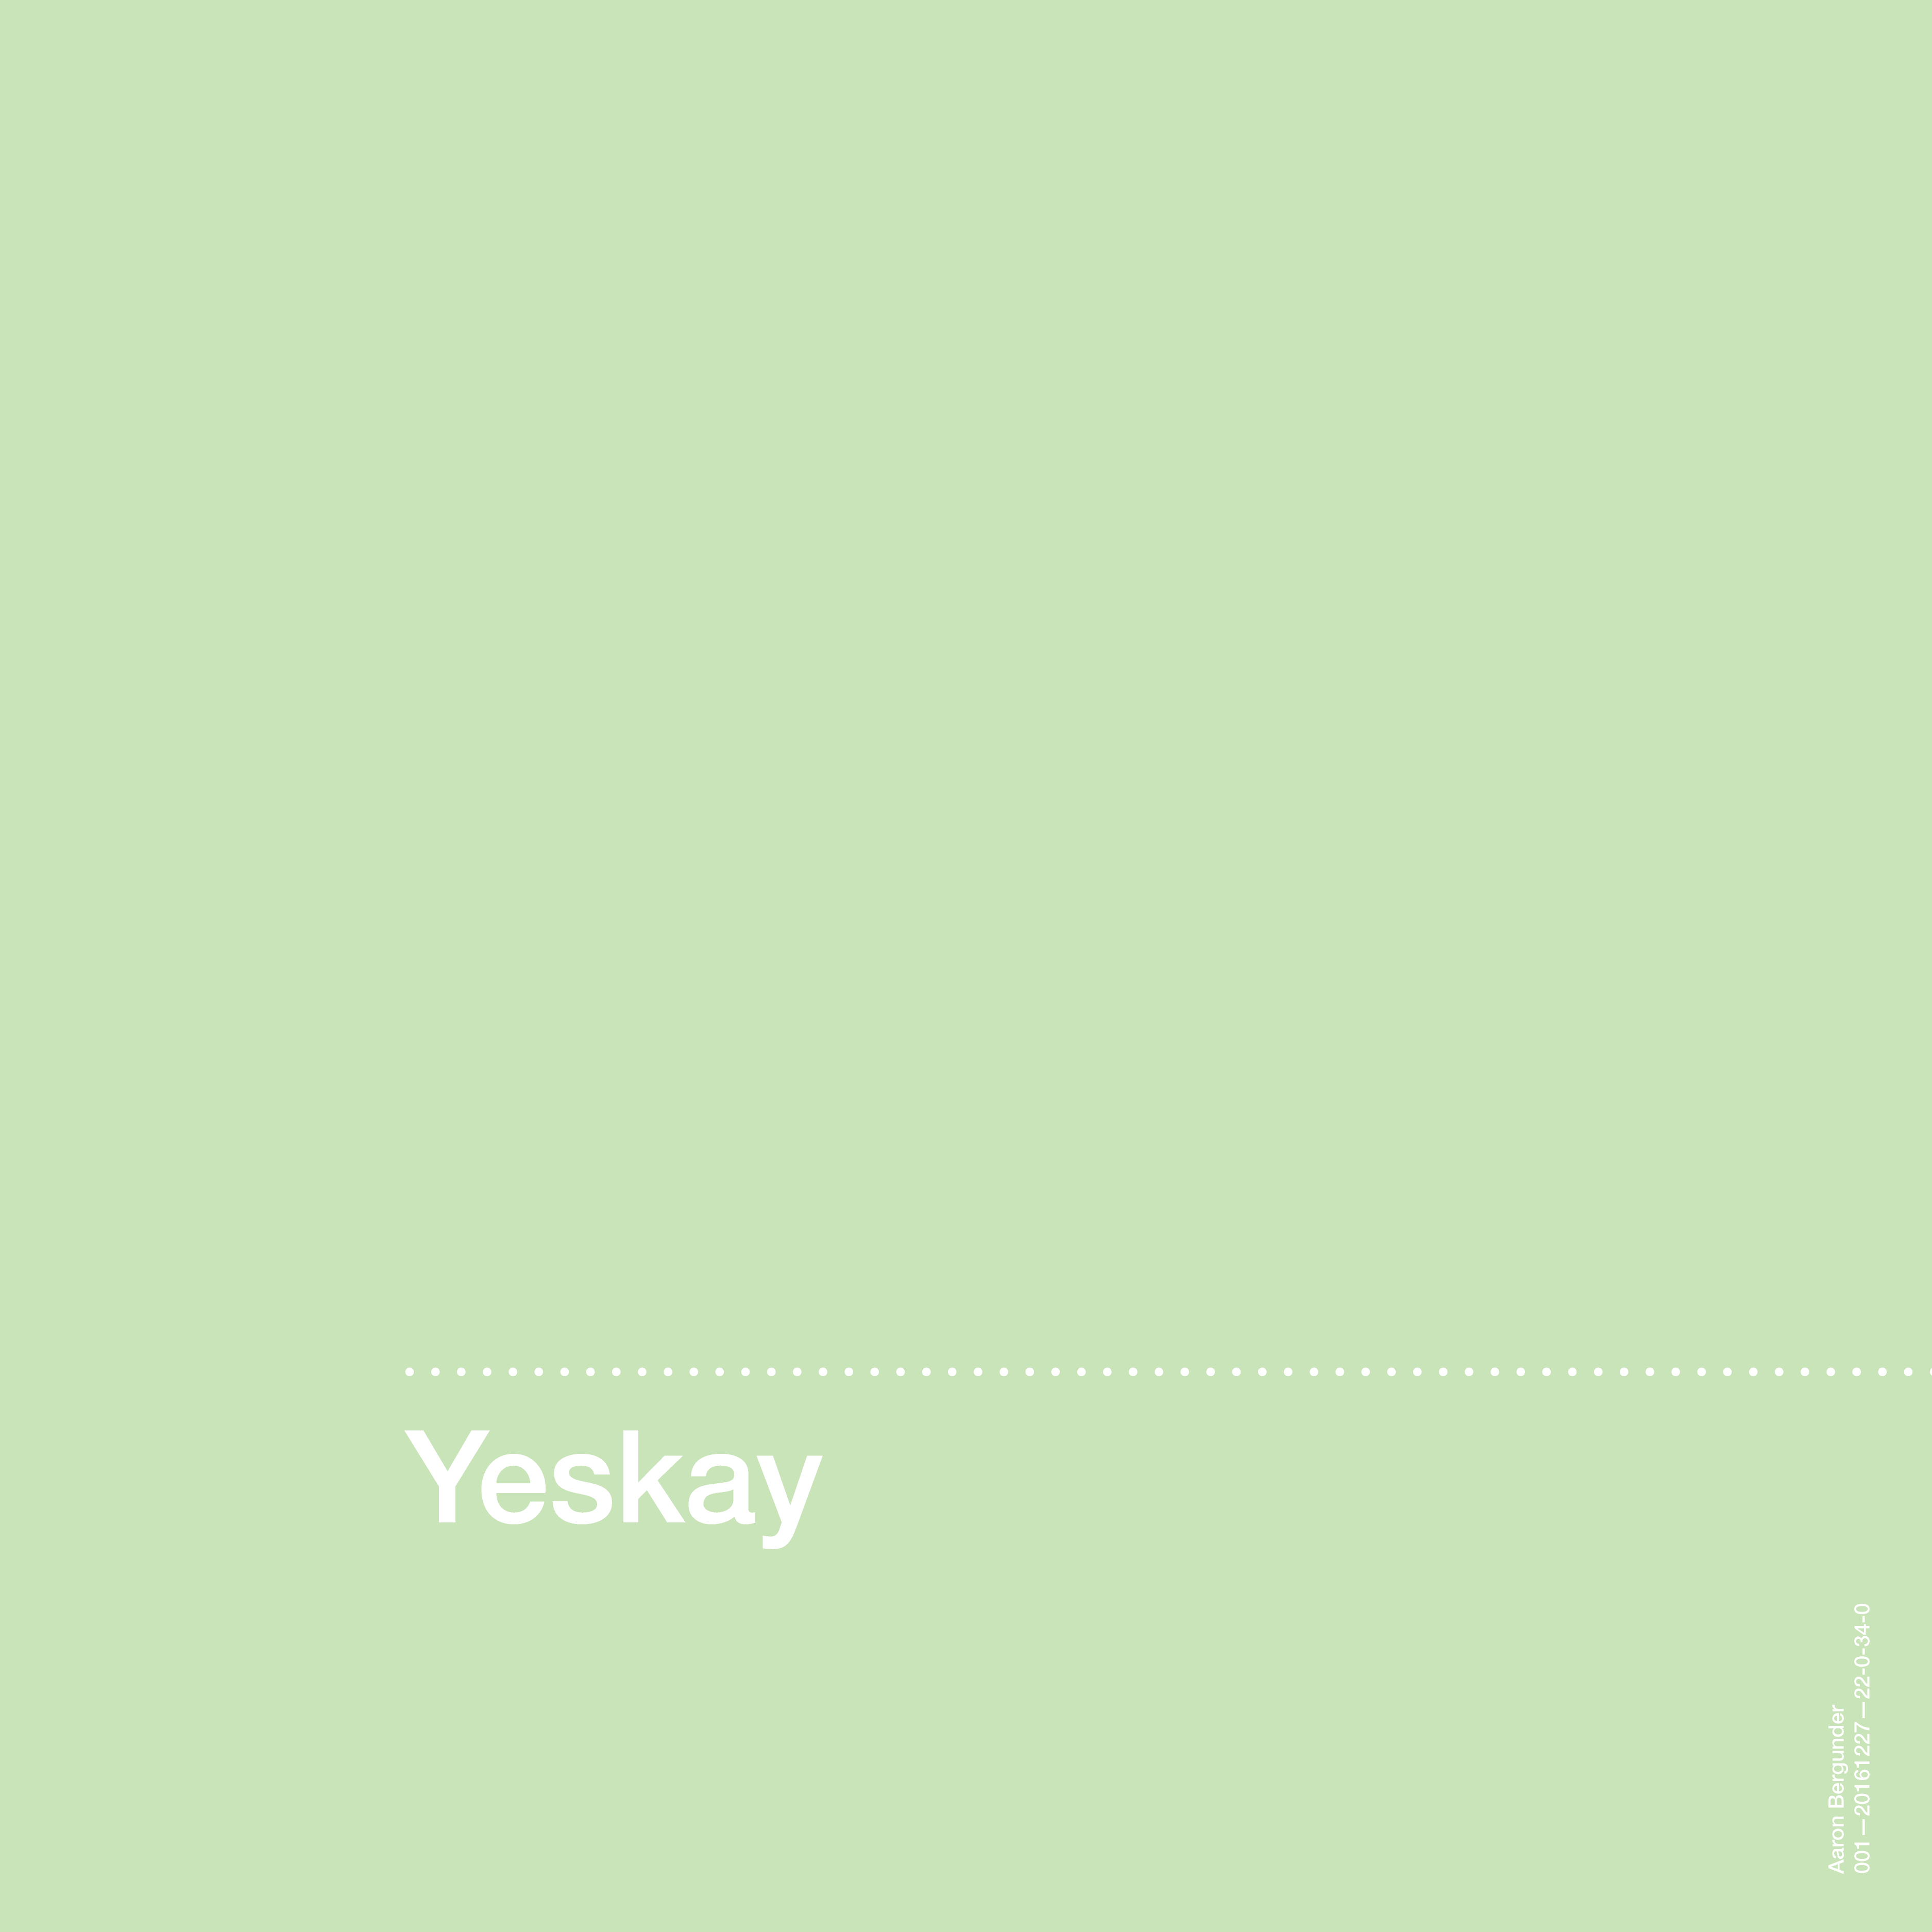 Yeskay Album Artwork